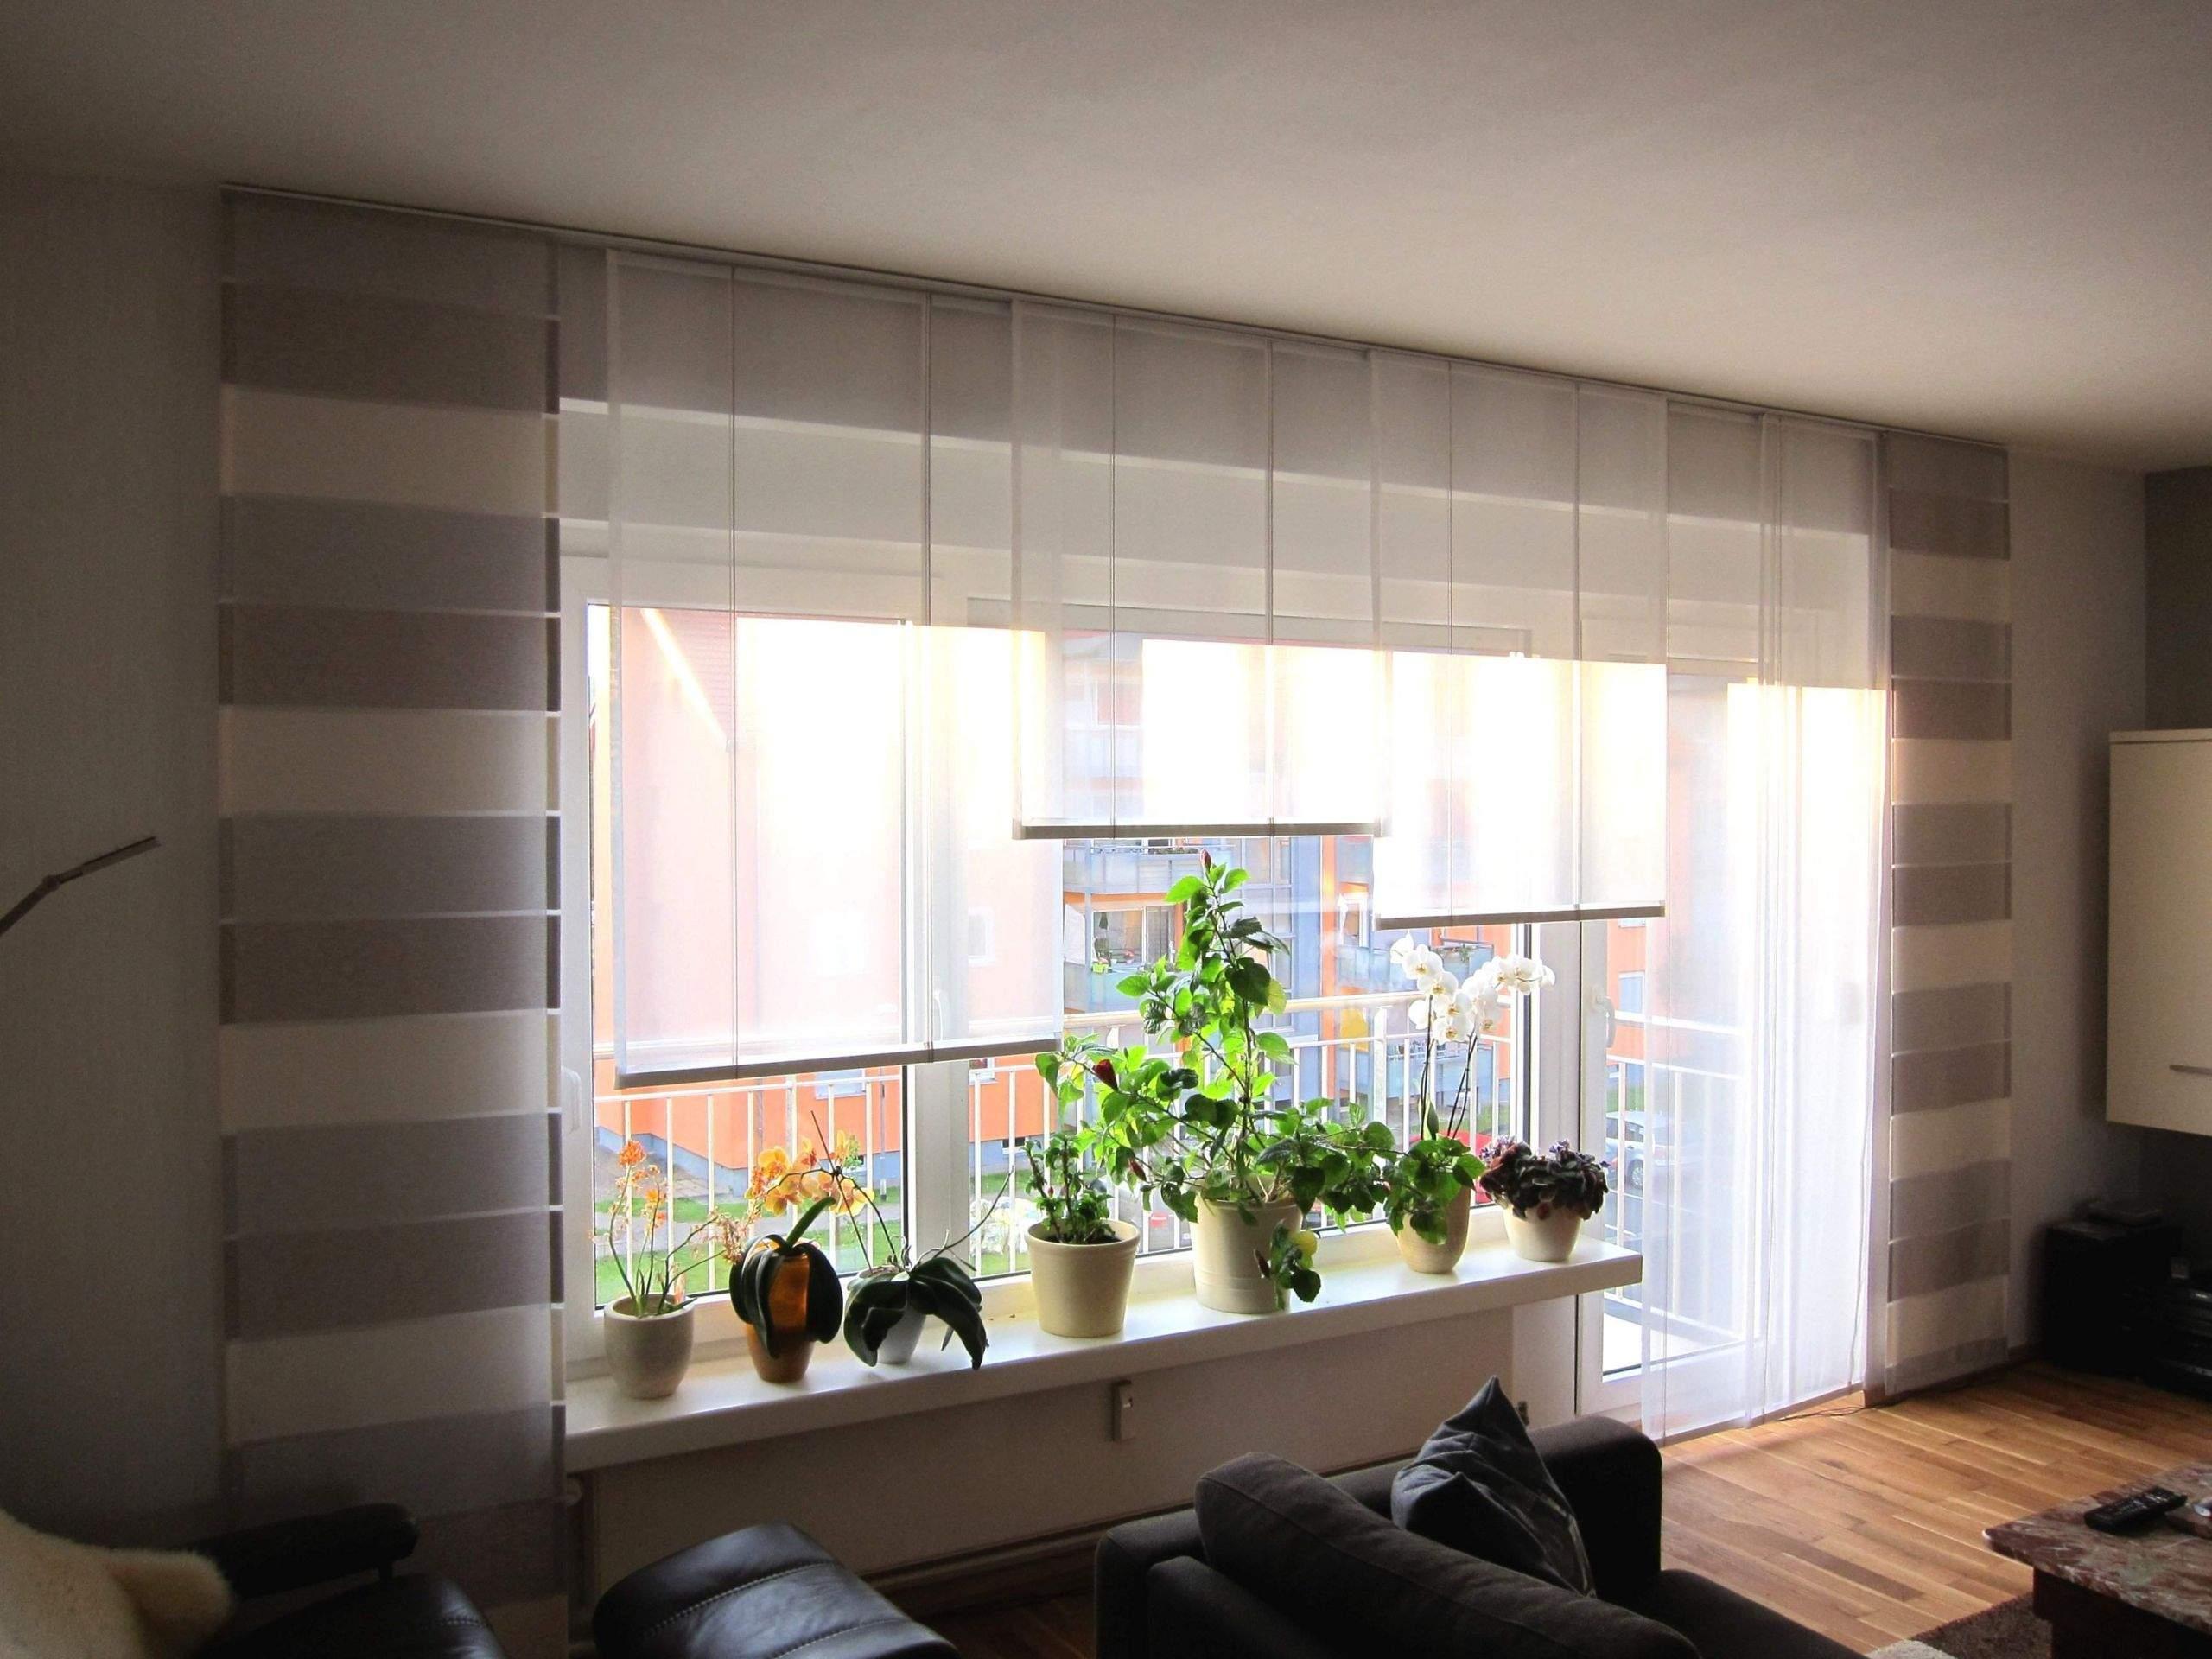 Full Size of Kurze Gardinen 25 Neu Wohnzimmer Das Beste Von Küche Für Die Schlafzimmer Fenster Scheibengardinen Wohnzimmer Kurze Gardinen